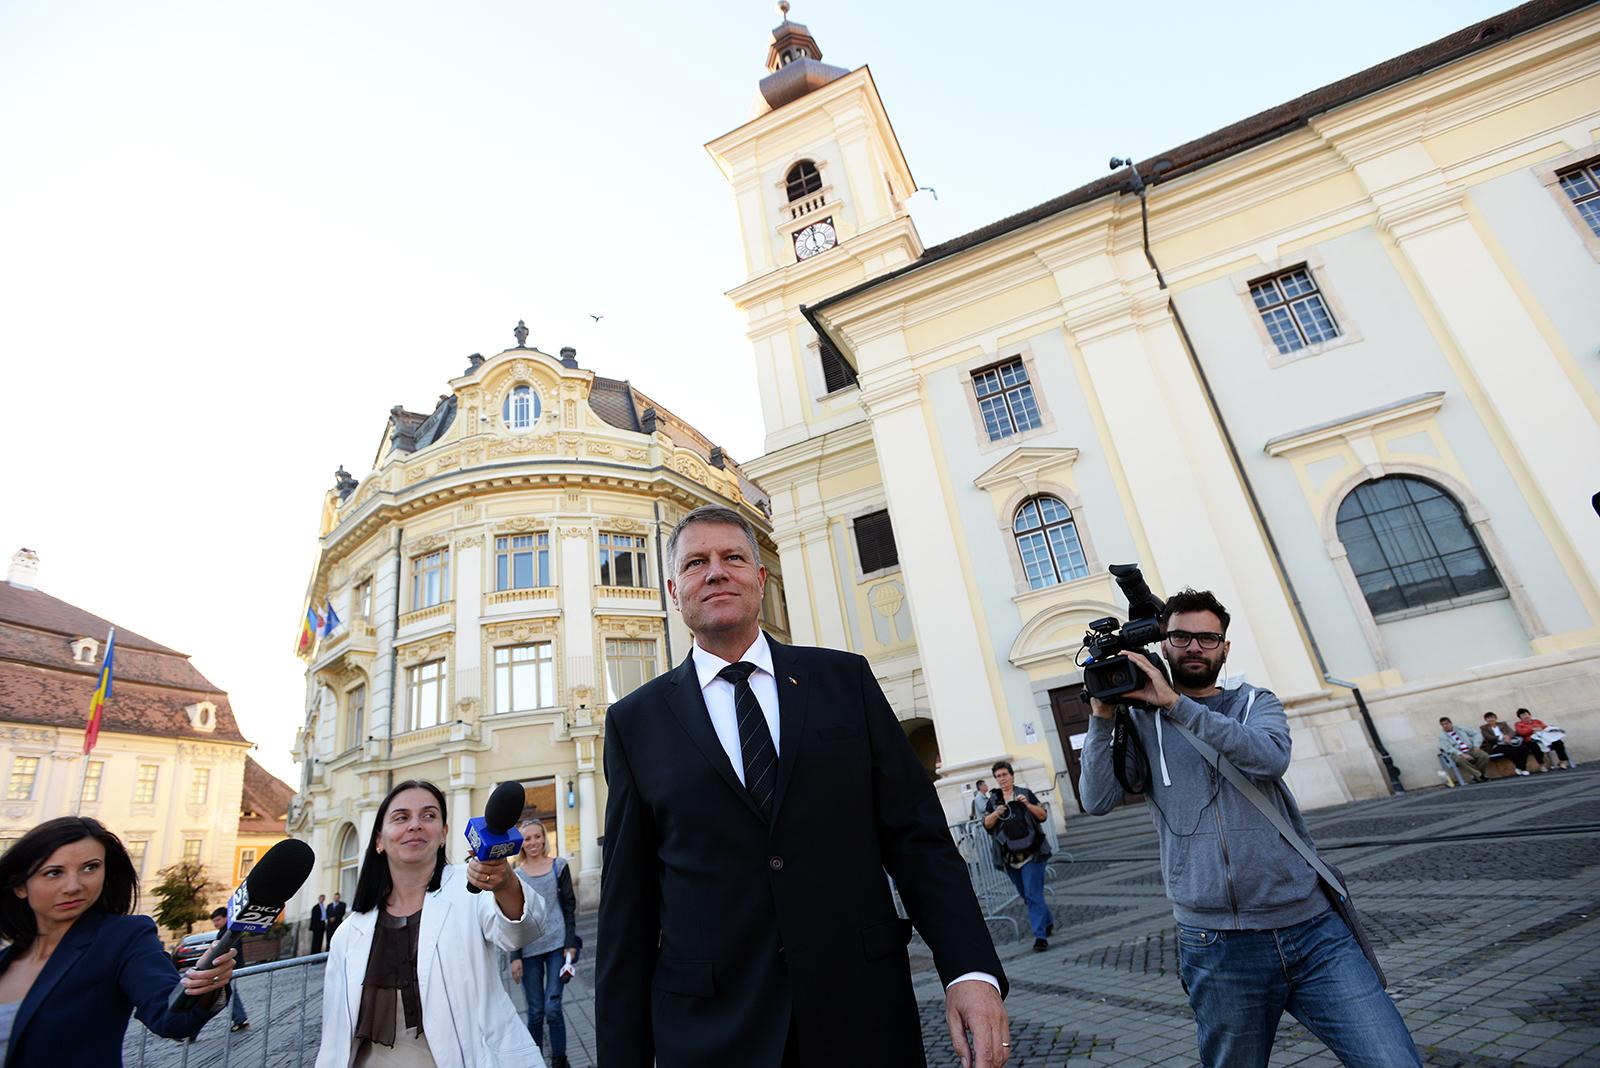 Topul încrederii la români: Iohannis crește în sondaje și domină detașat